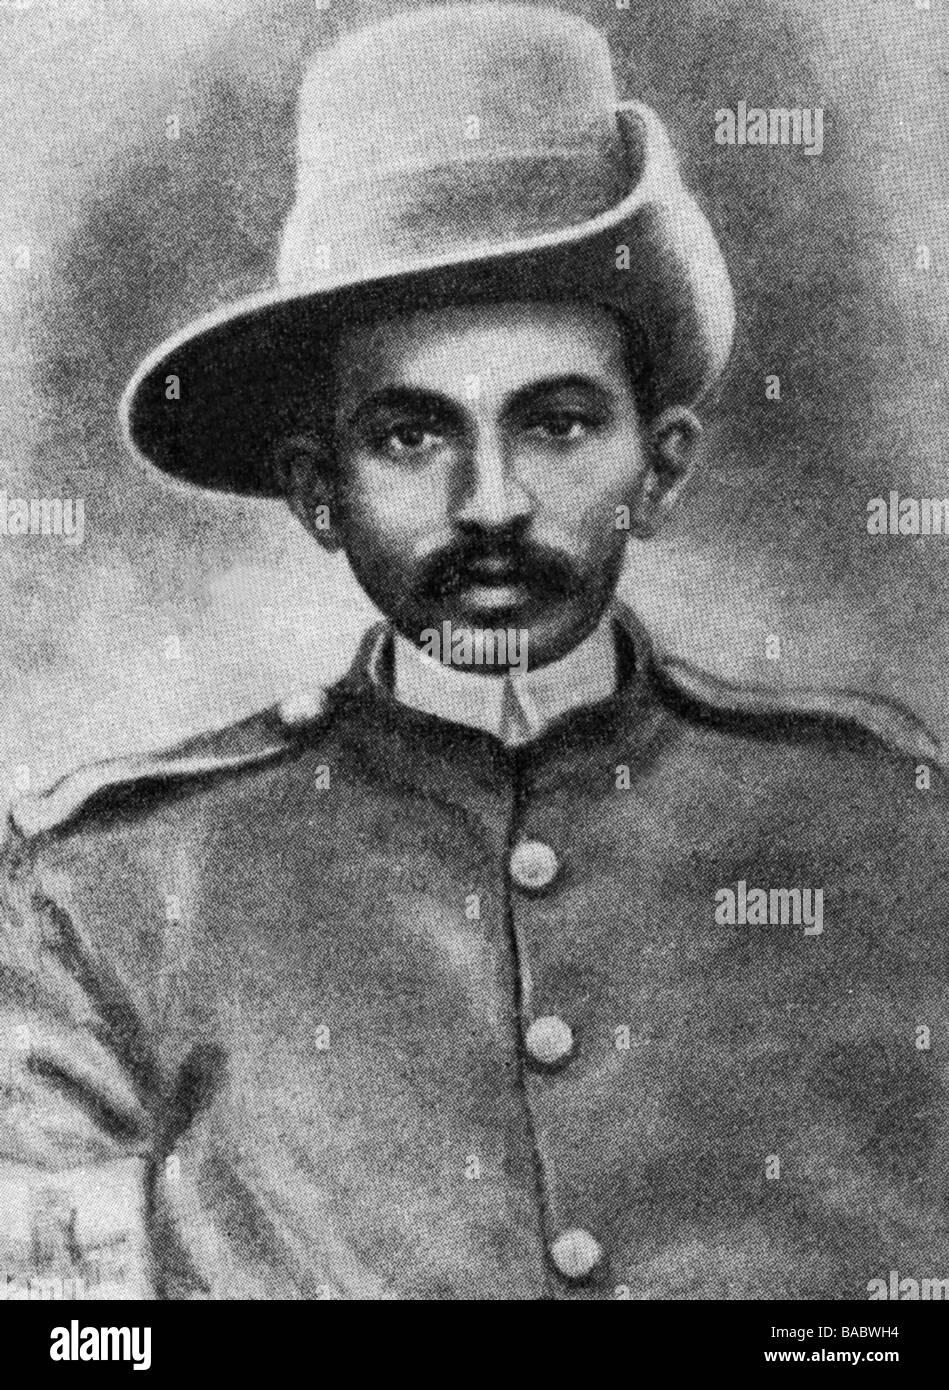 , Gandhi Mohandas Karamchand chiamato mahatma, 2.10.1869 - 30.1.1948, uomo politico indiano, ritratto, con l'ambulanza Immagini Stock